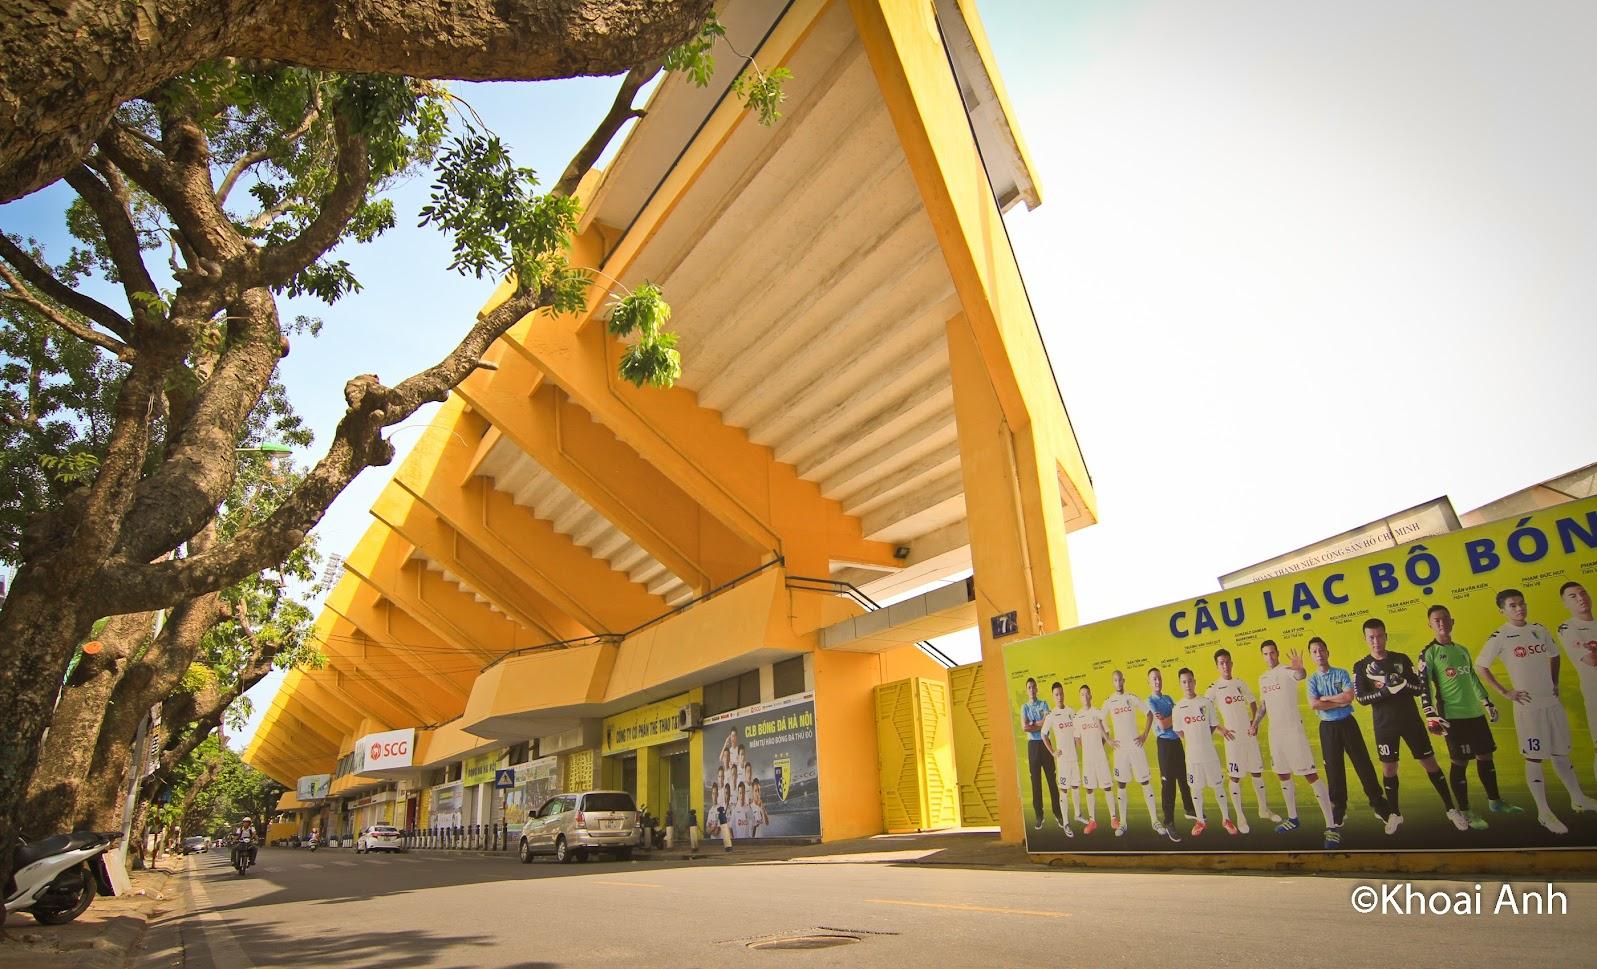 RE-BRANDING HANOI FC